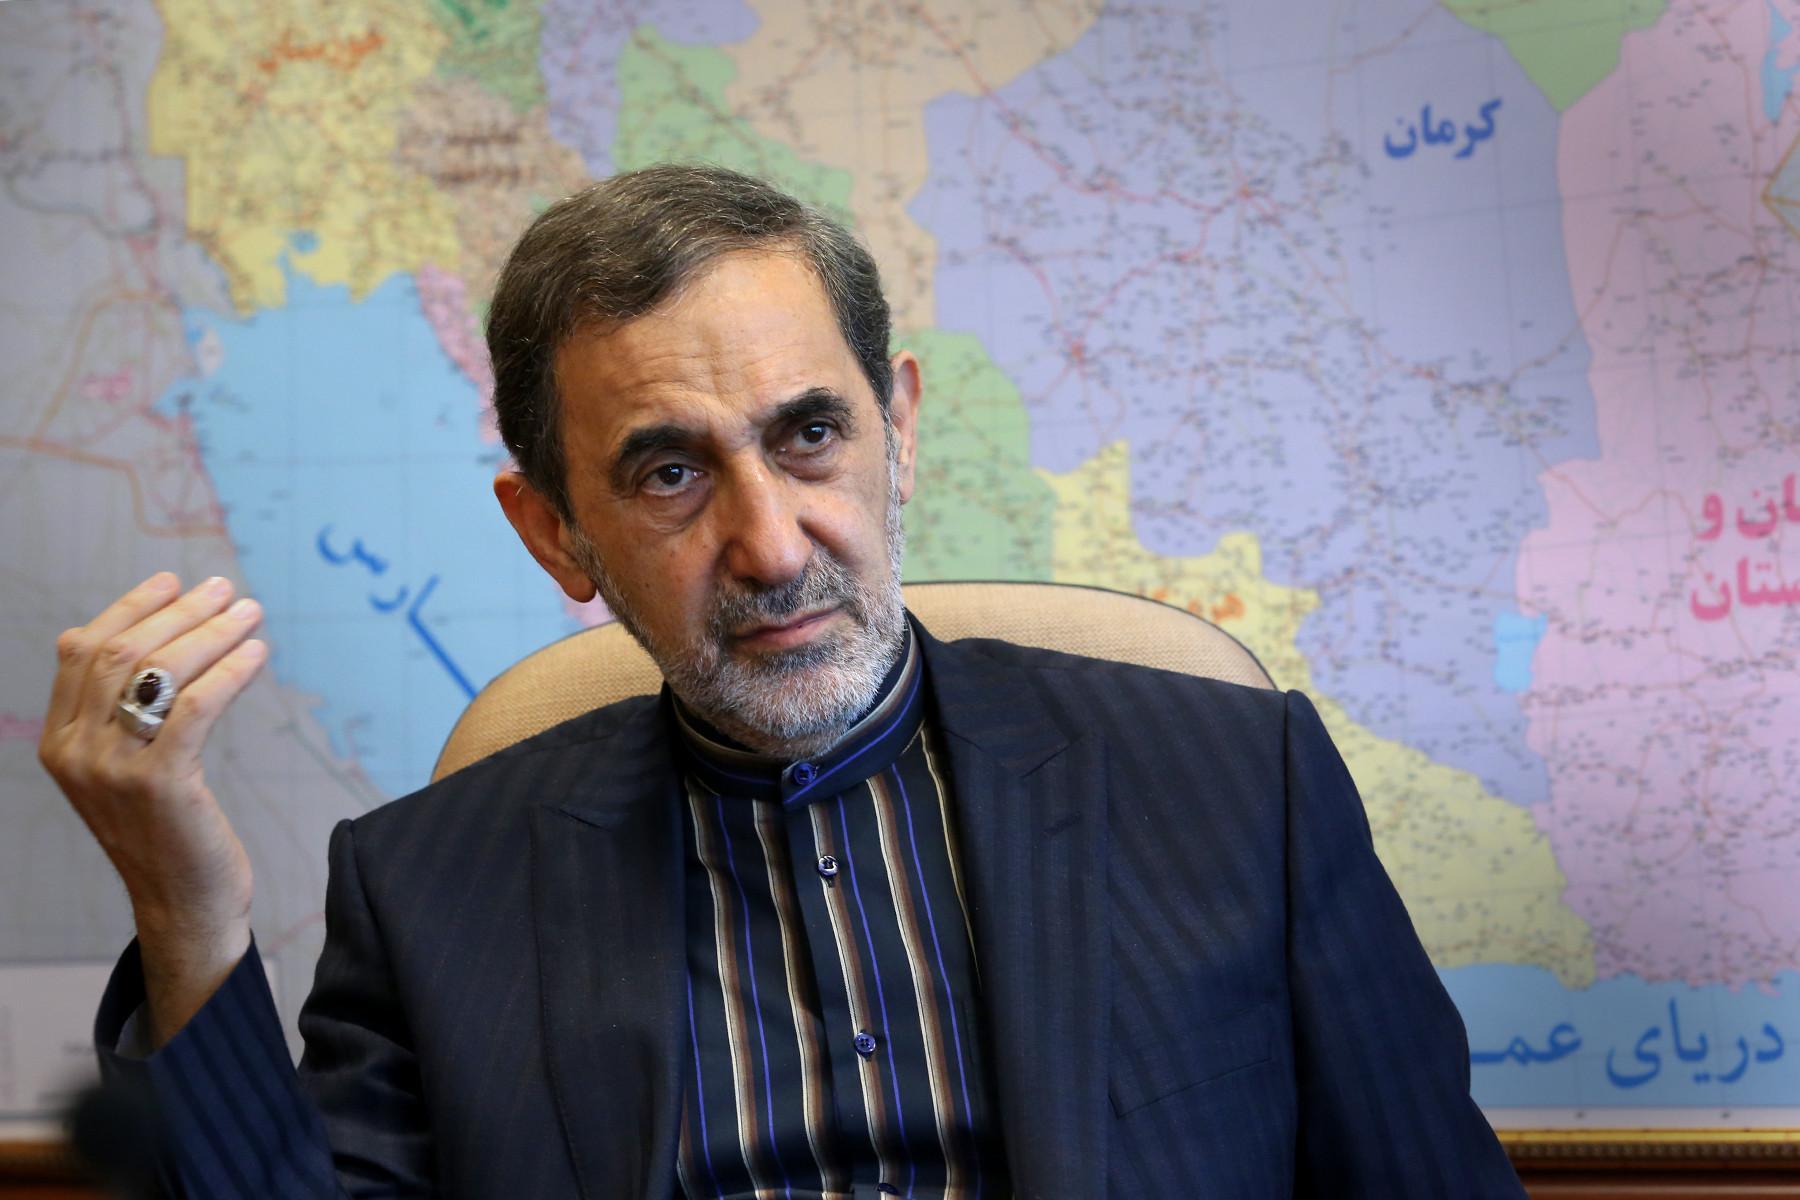 روابط راهبردی ایران و روسیه، کمک به صلح و ثبات منطقه ای و بین المللی